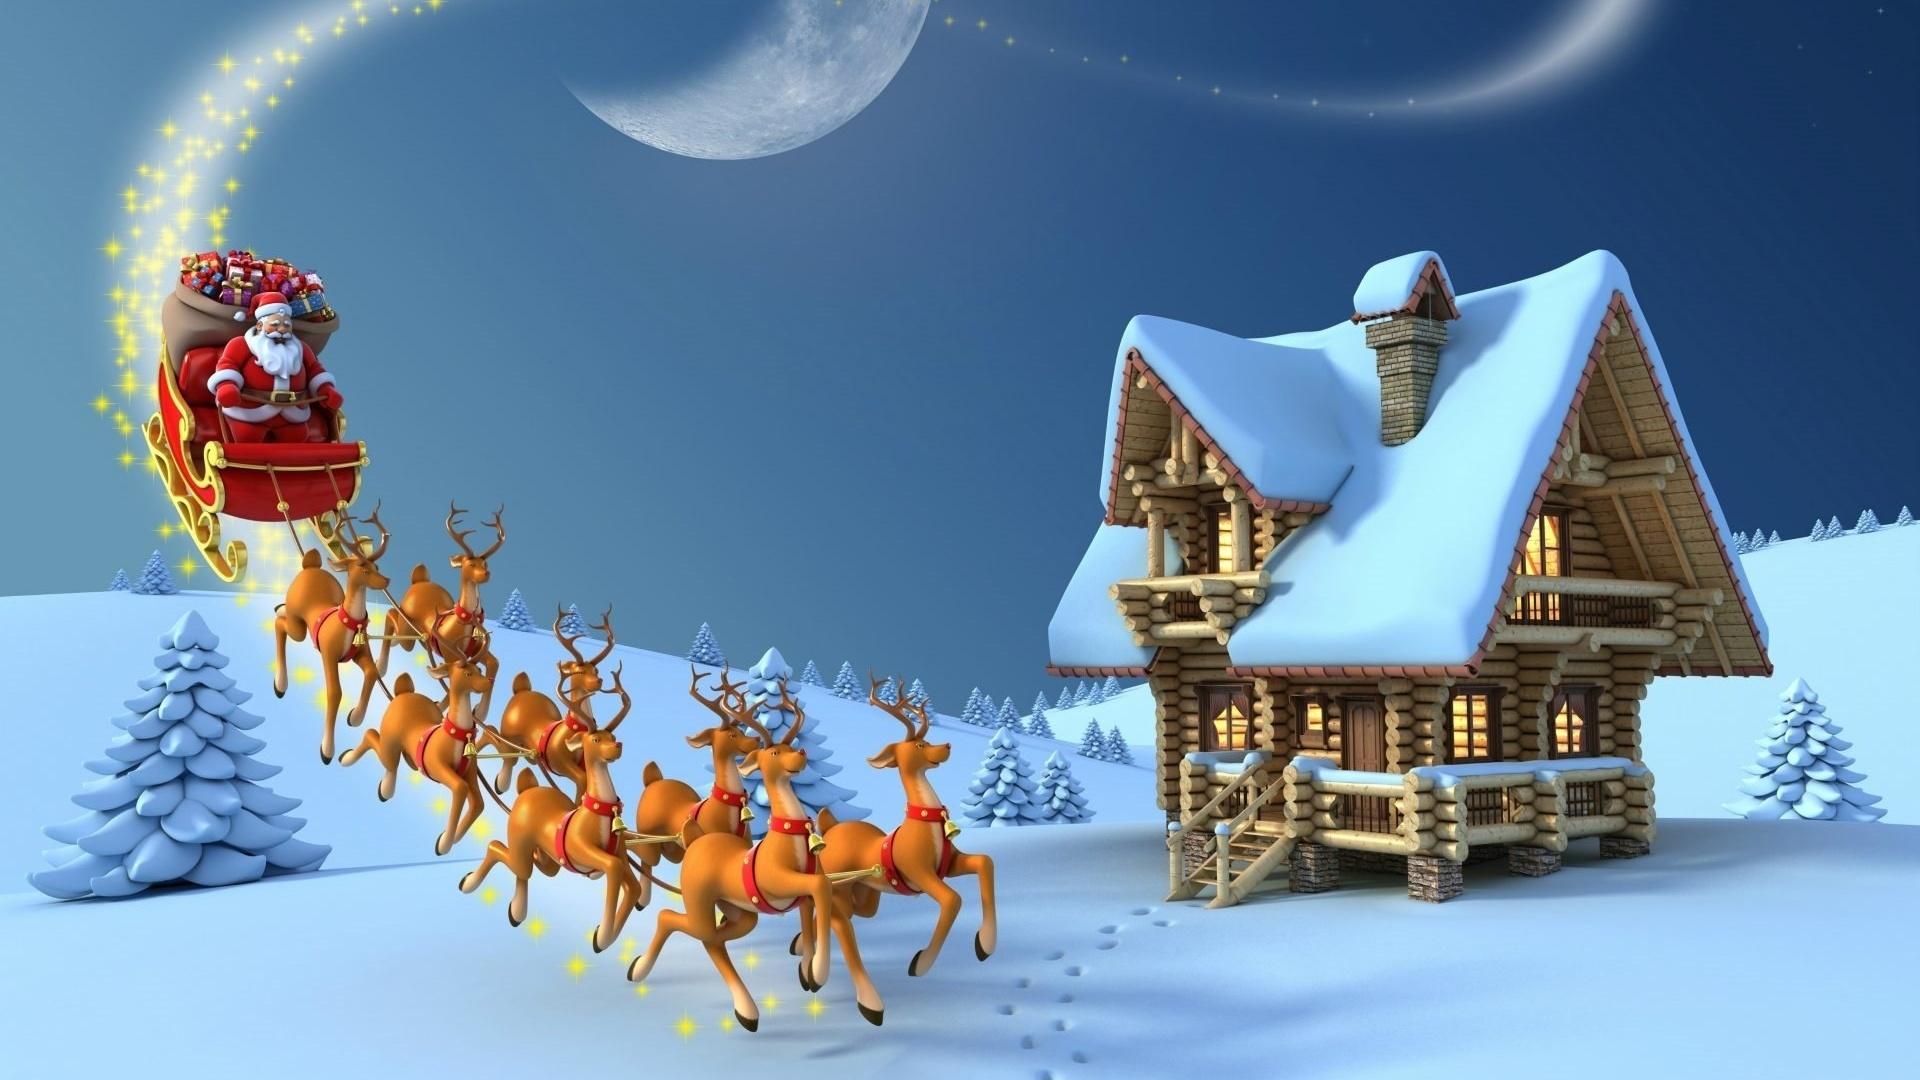 Красивая сказочная картинка с новым годом без белья